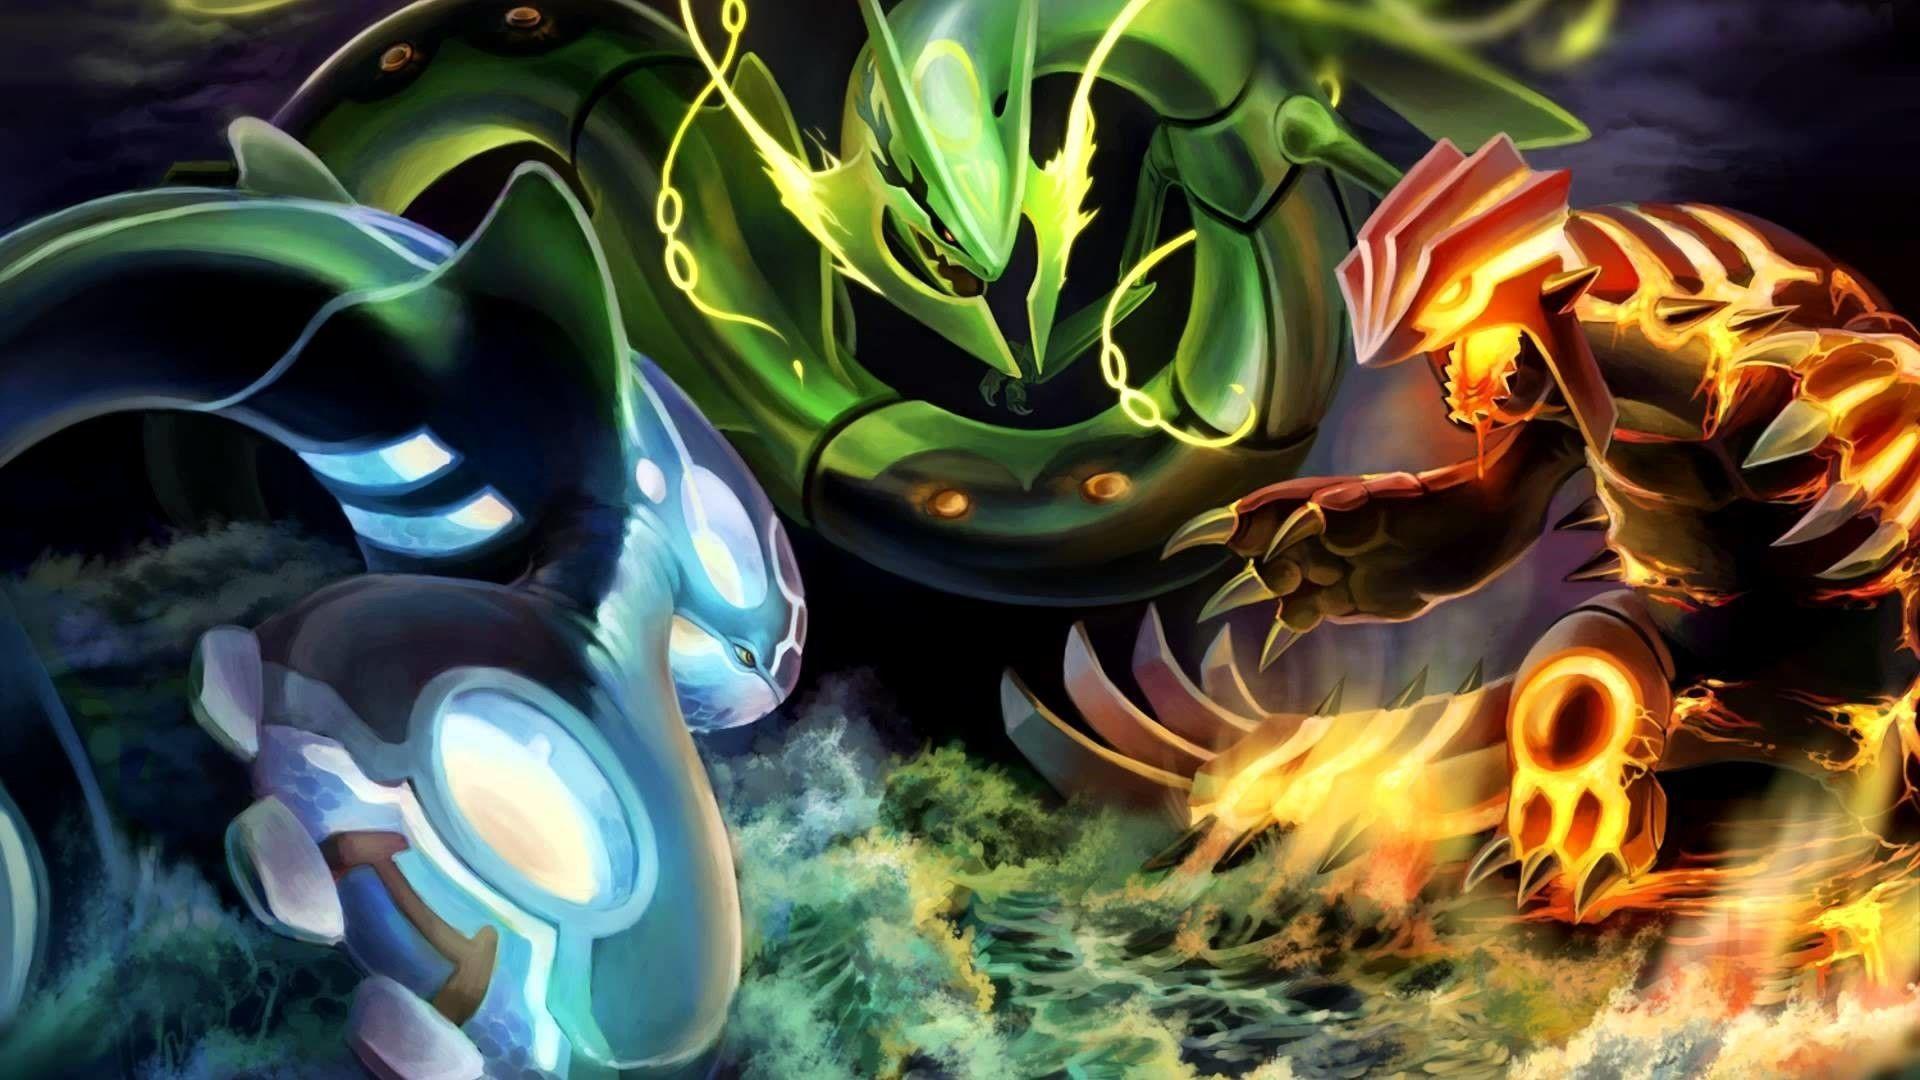 Wallpaper Pokemon HD Cool pokemon wallpapers, Pokemon